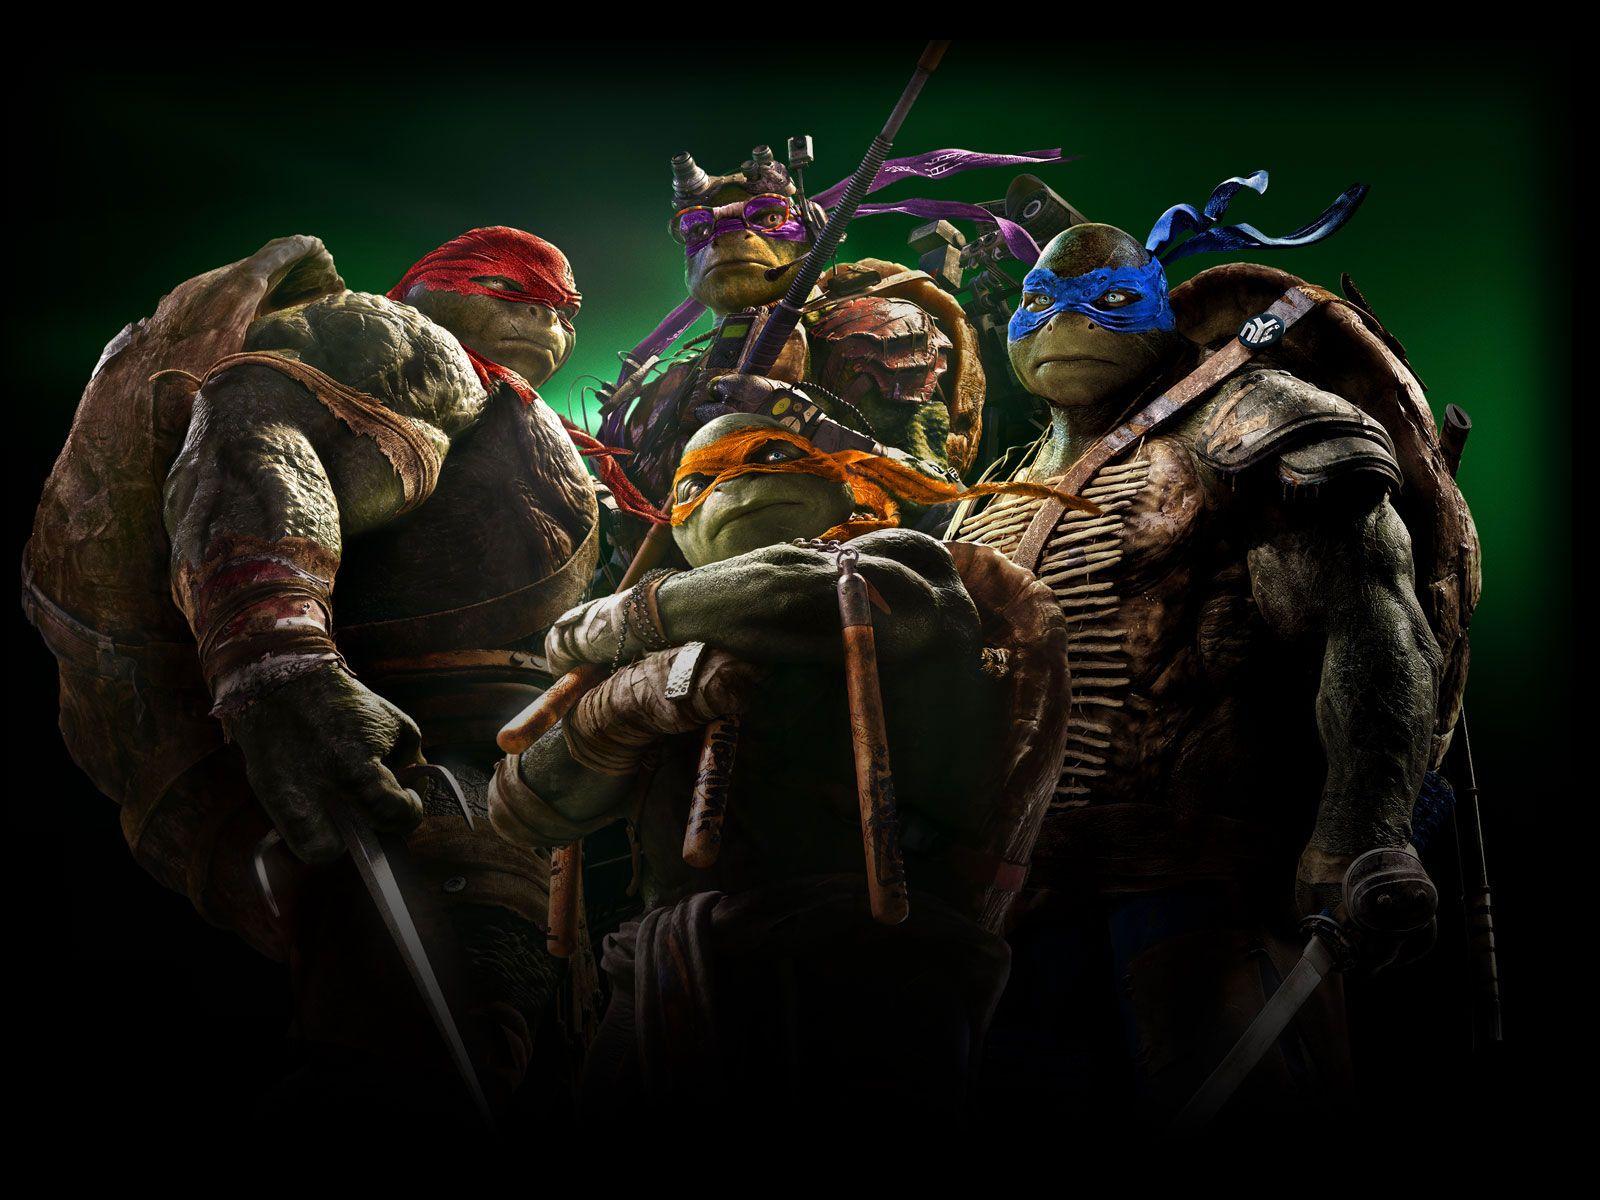 Teenage Mutant Ninja Turtles Tmnt 2014 Hd Desktop In 2020 Teenage Mutant Ninja Turtles Movie Ninja Turtles Movie Teenage Mutant Ninja Turtles